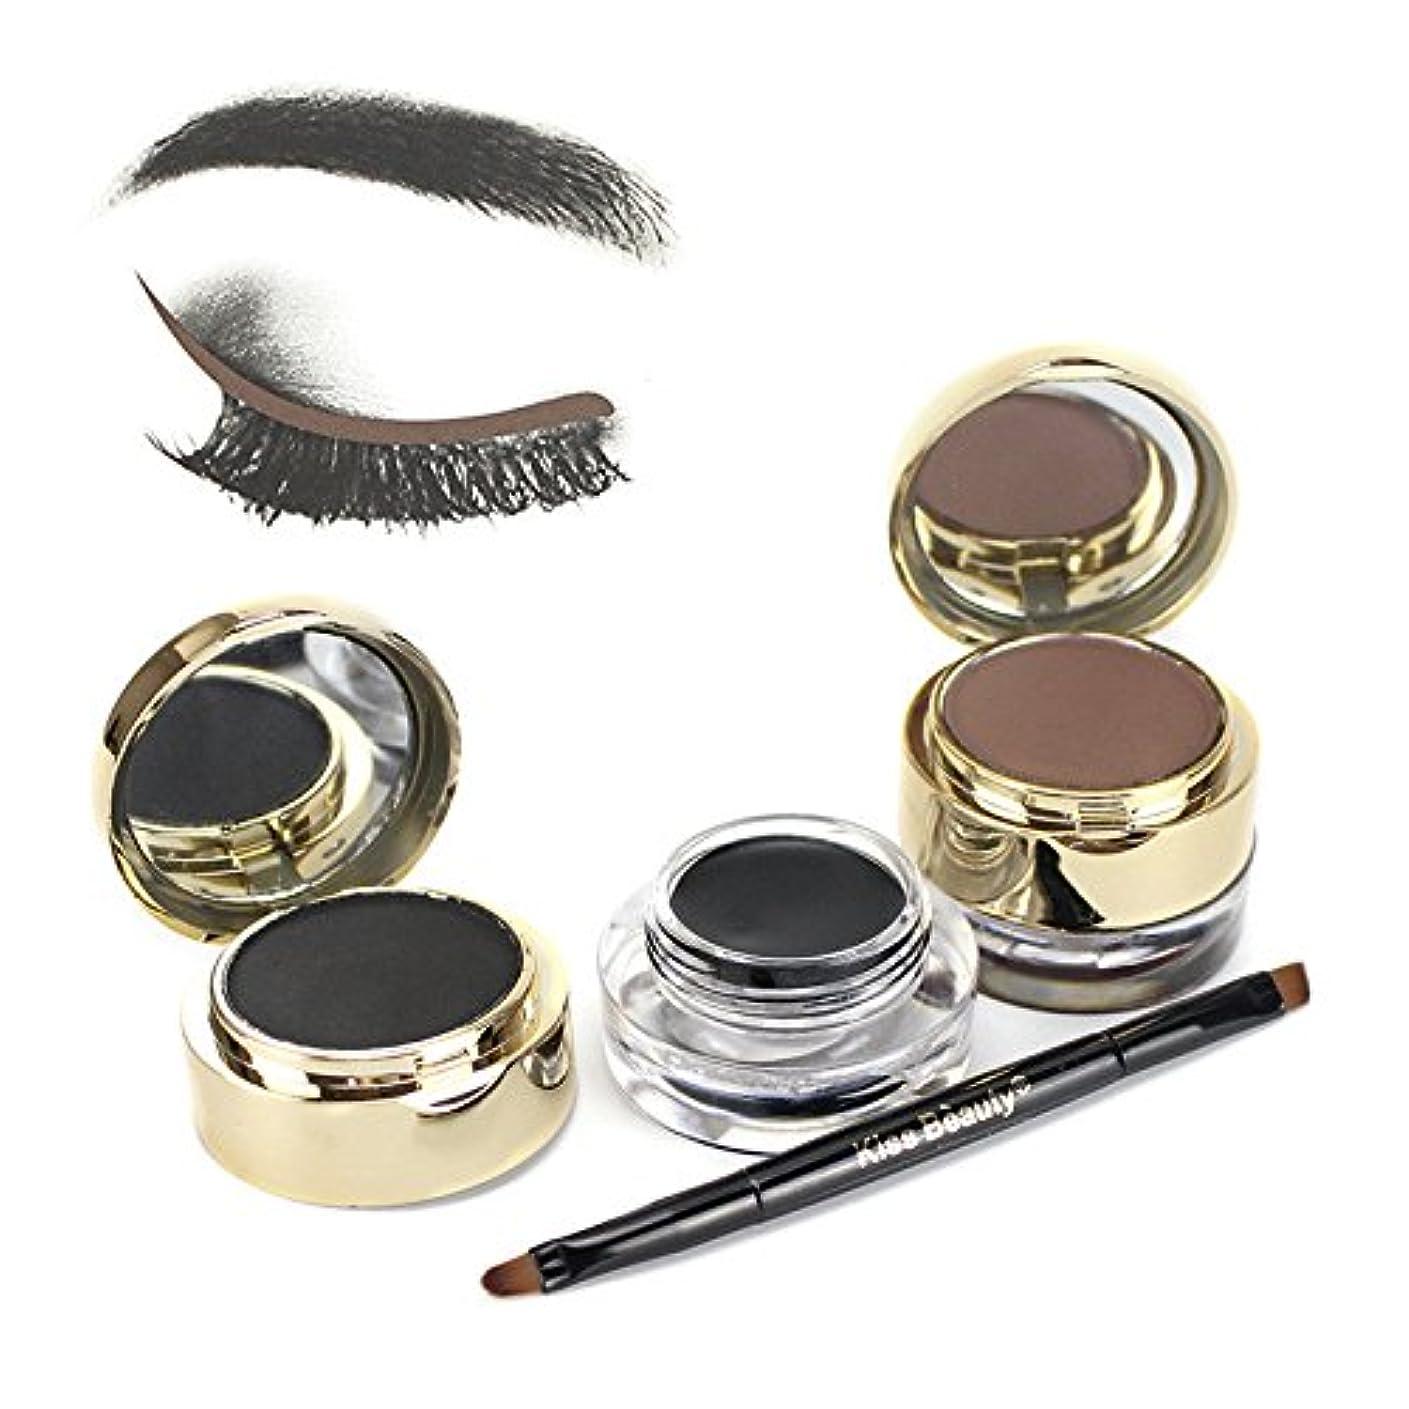 品協会浸す二重色の化粧品の粉の煙のようなアイシャドウパレットの構造の一定の目